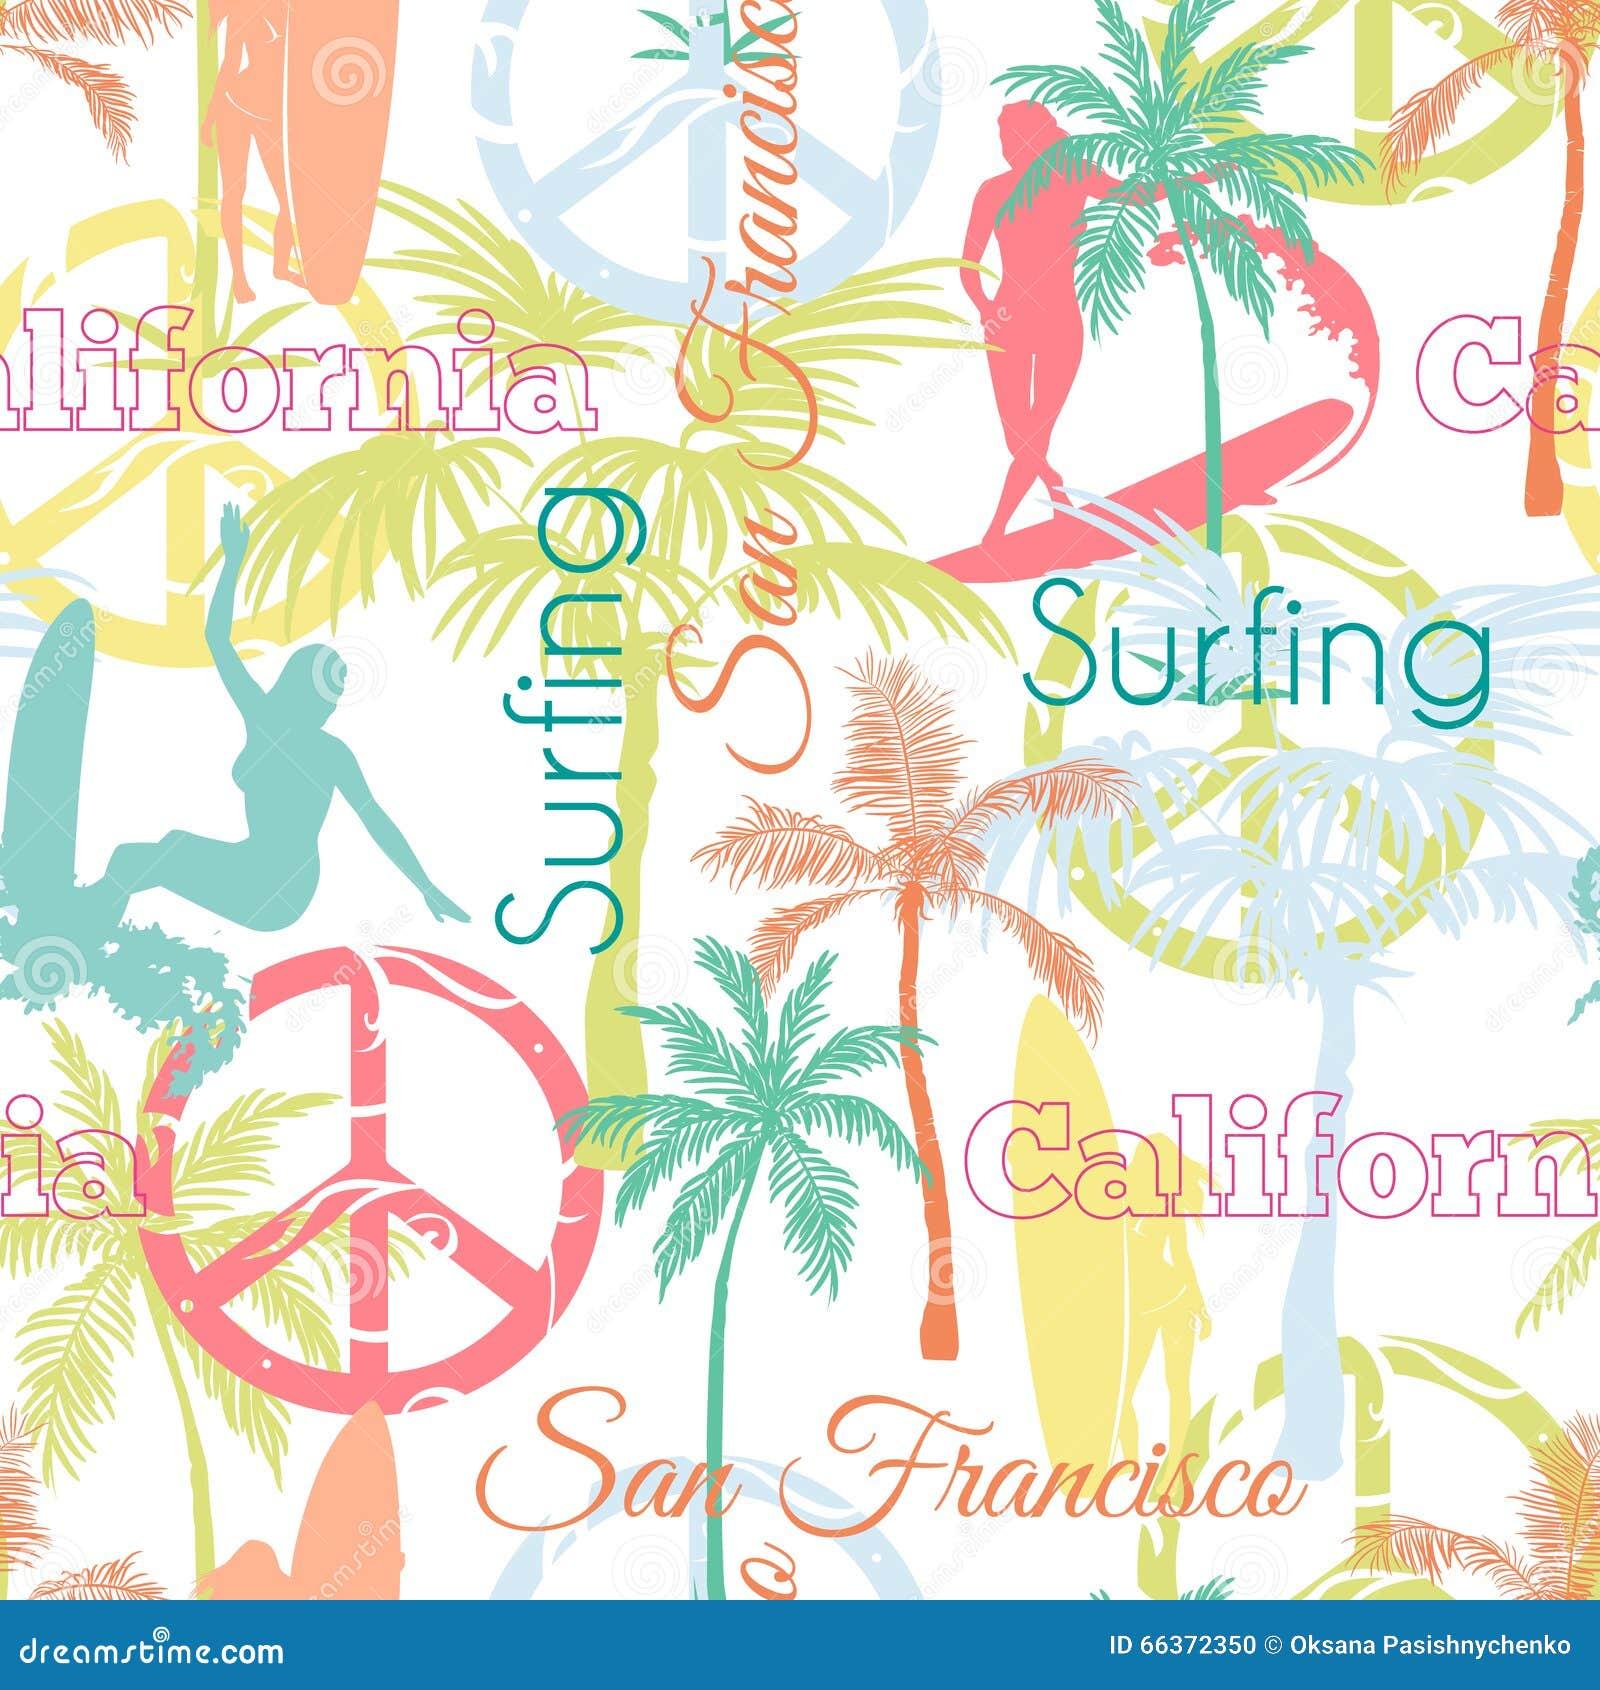 Vetor que surfa o projeto de Califórnia San Francisco Colorful Seamless Pattern Surface com mulheres ativas, palmeiras, paz